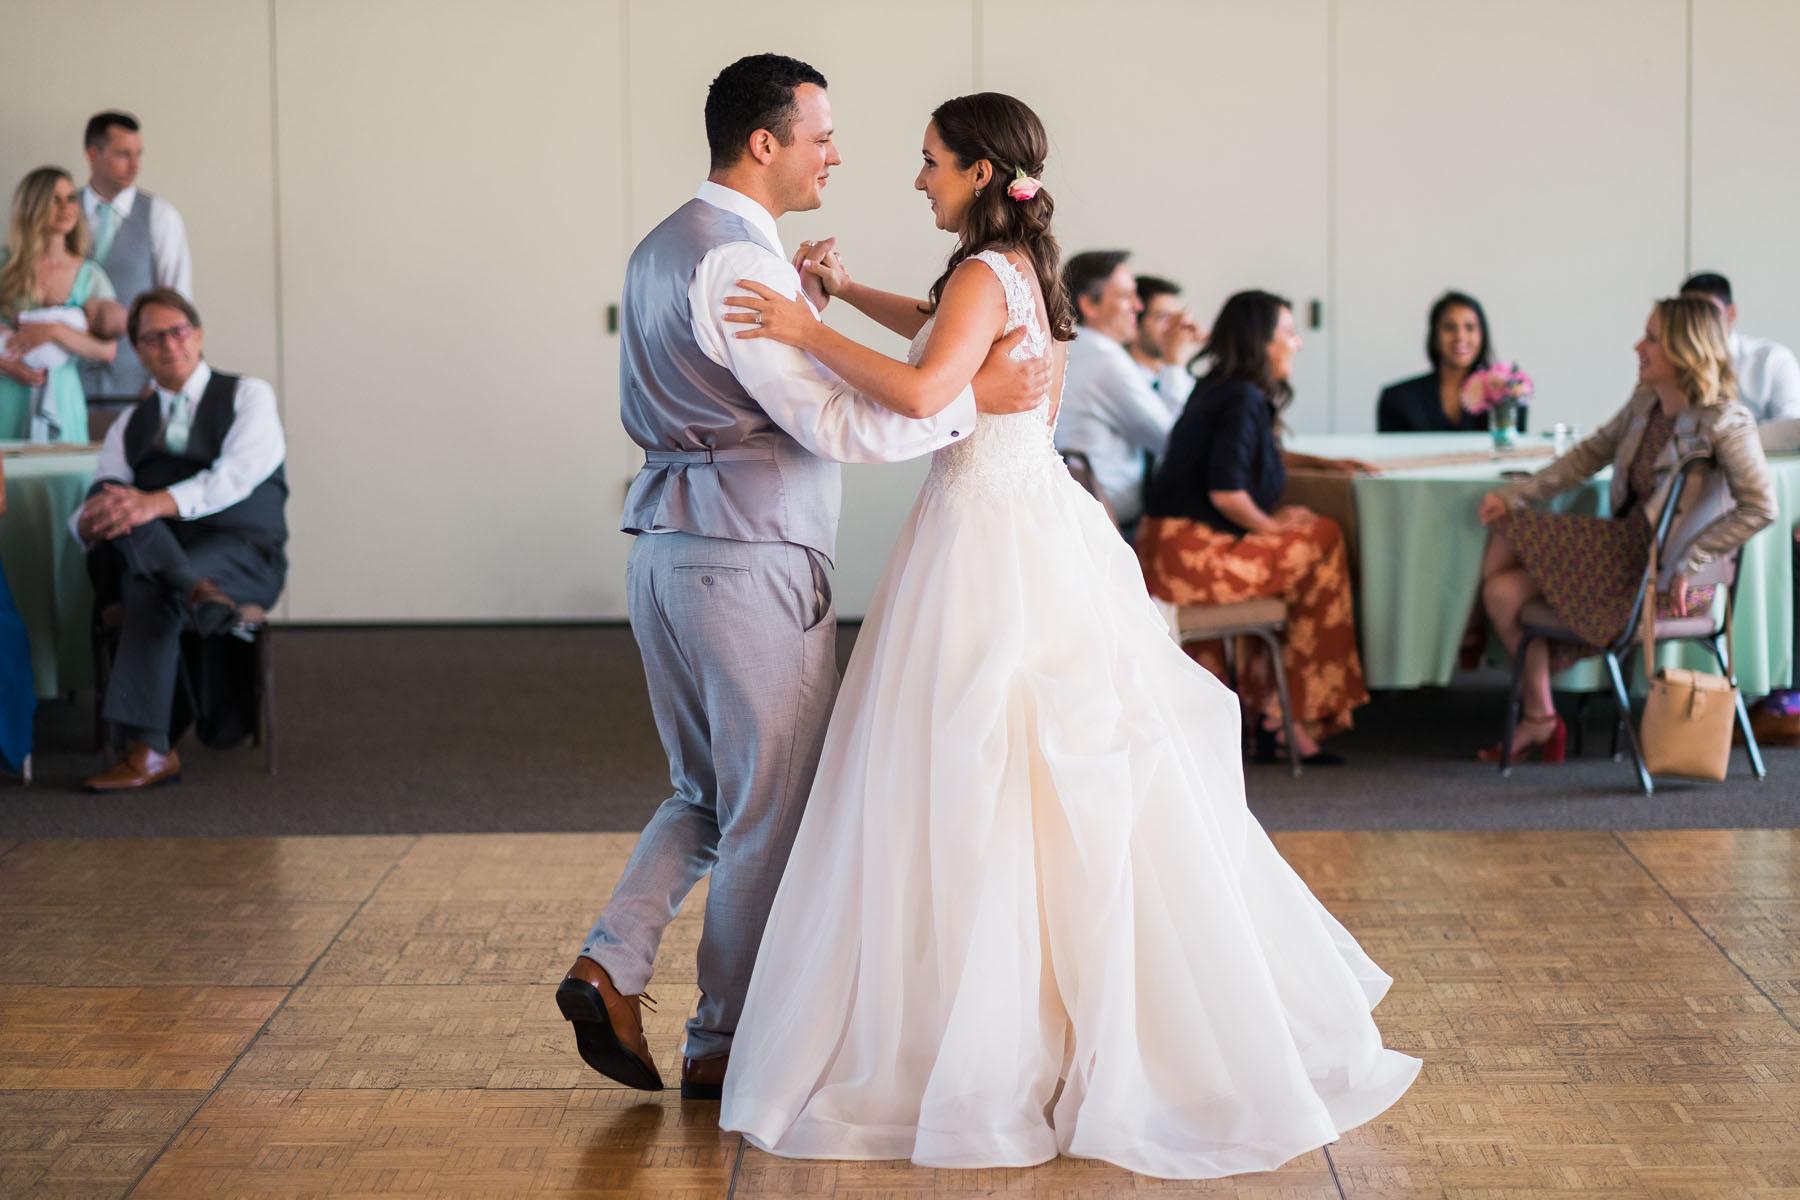 8-11-18 Vanessa and Andrew - 227.jpg